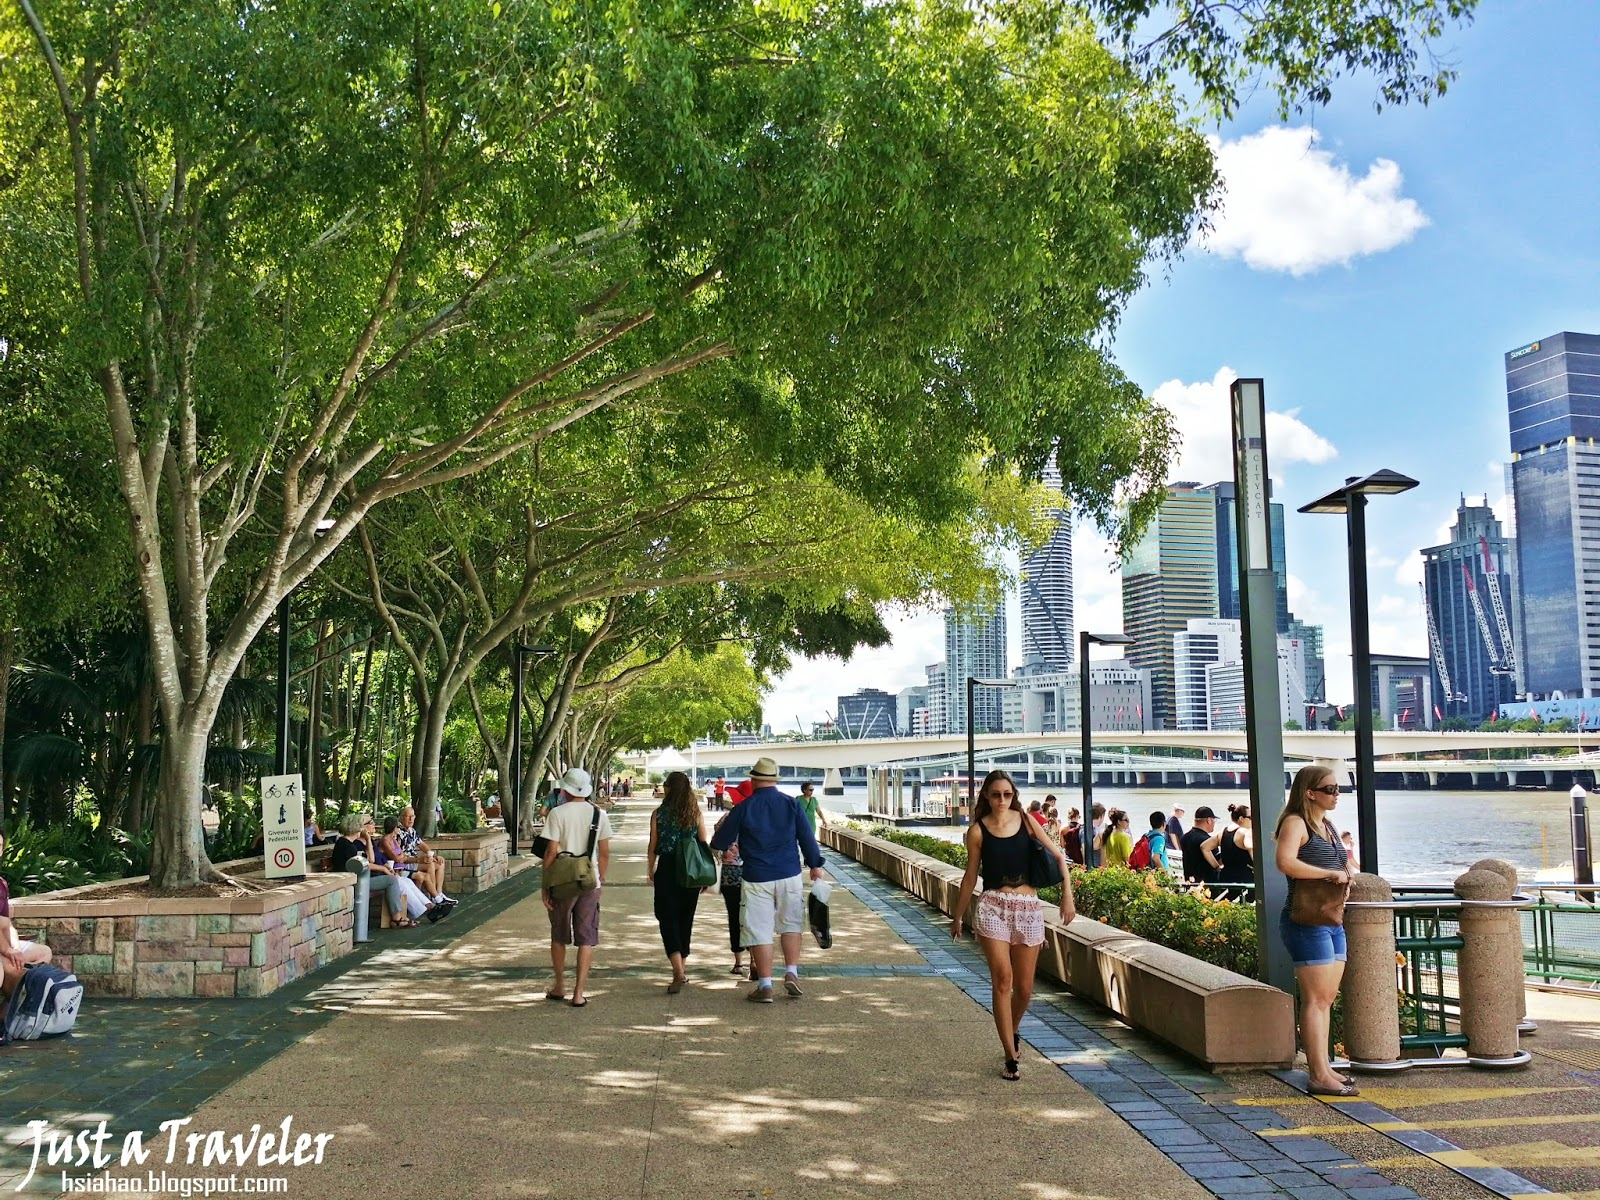 布里斯本-海灘-景點-市區-南岸公園-遊記-推薦-Brisbane-South-Bank-Parklands